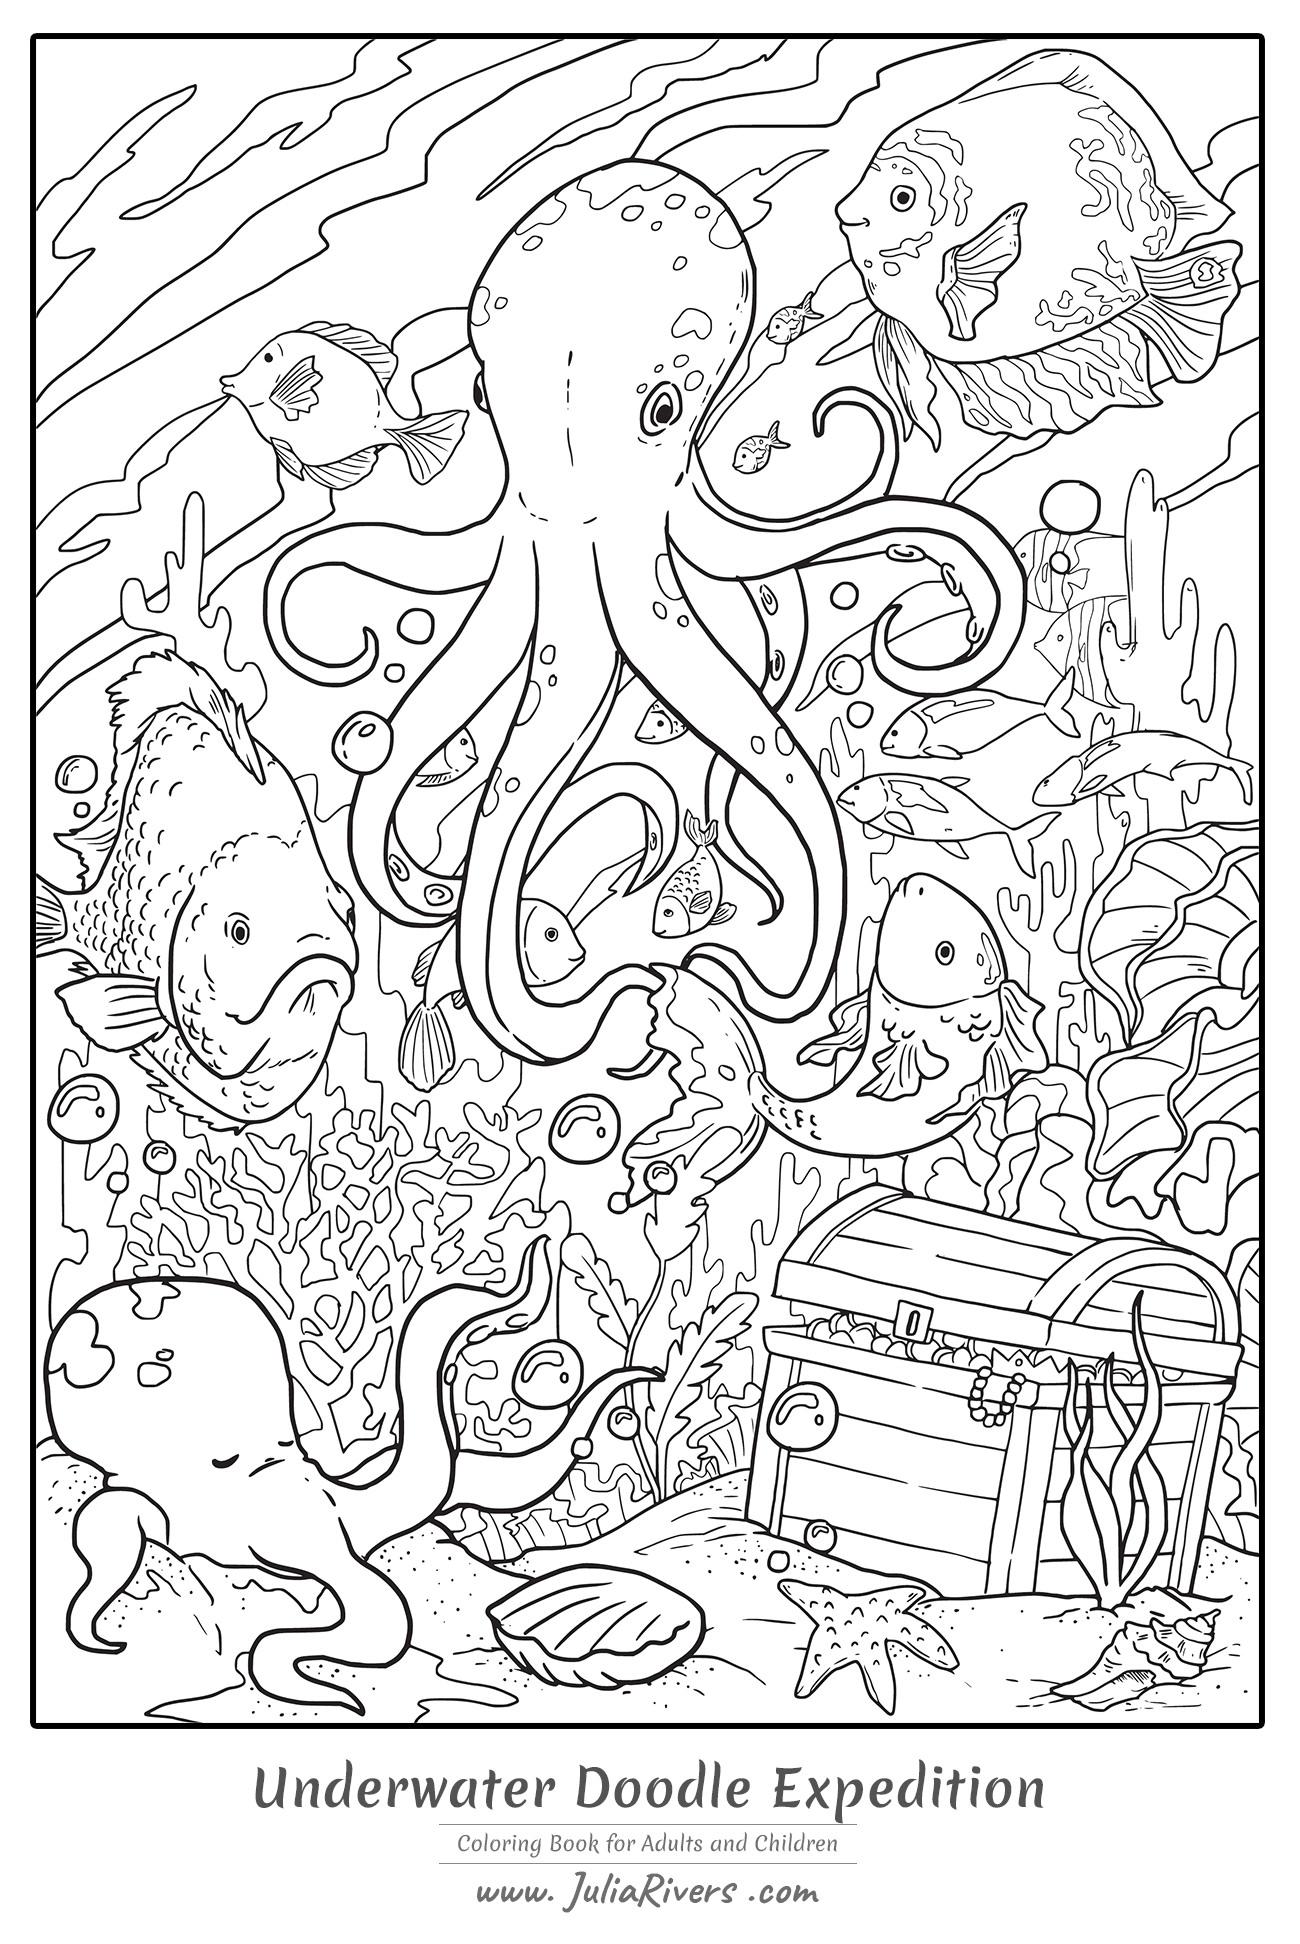 'Expedition sous-marine' : Coloriez ce magnifique tableau marin composé d'une pieuvre, de poissons, de coraux et d'un mystérieux trésor ...